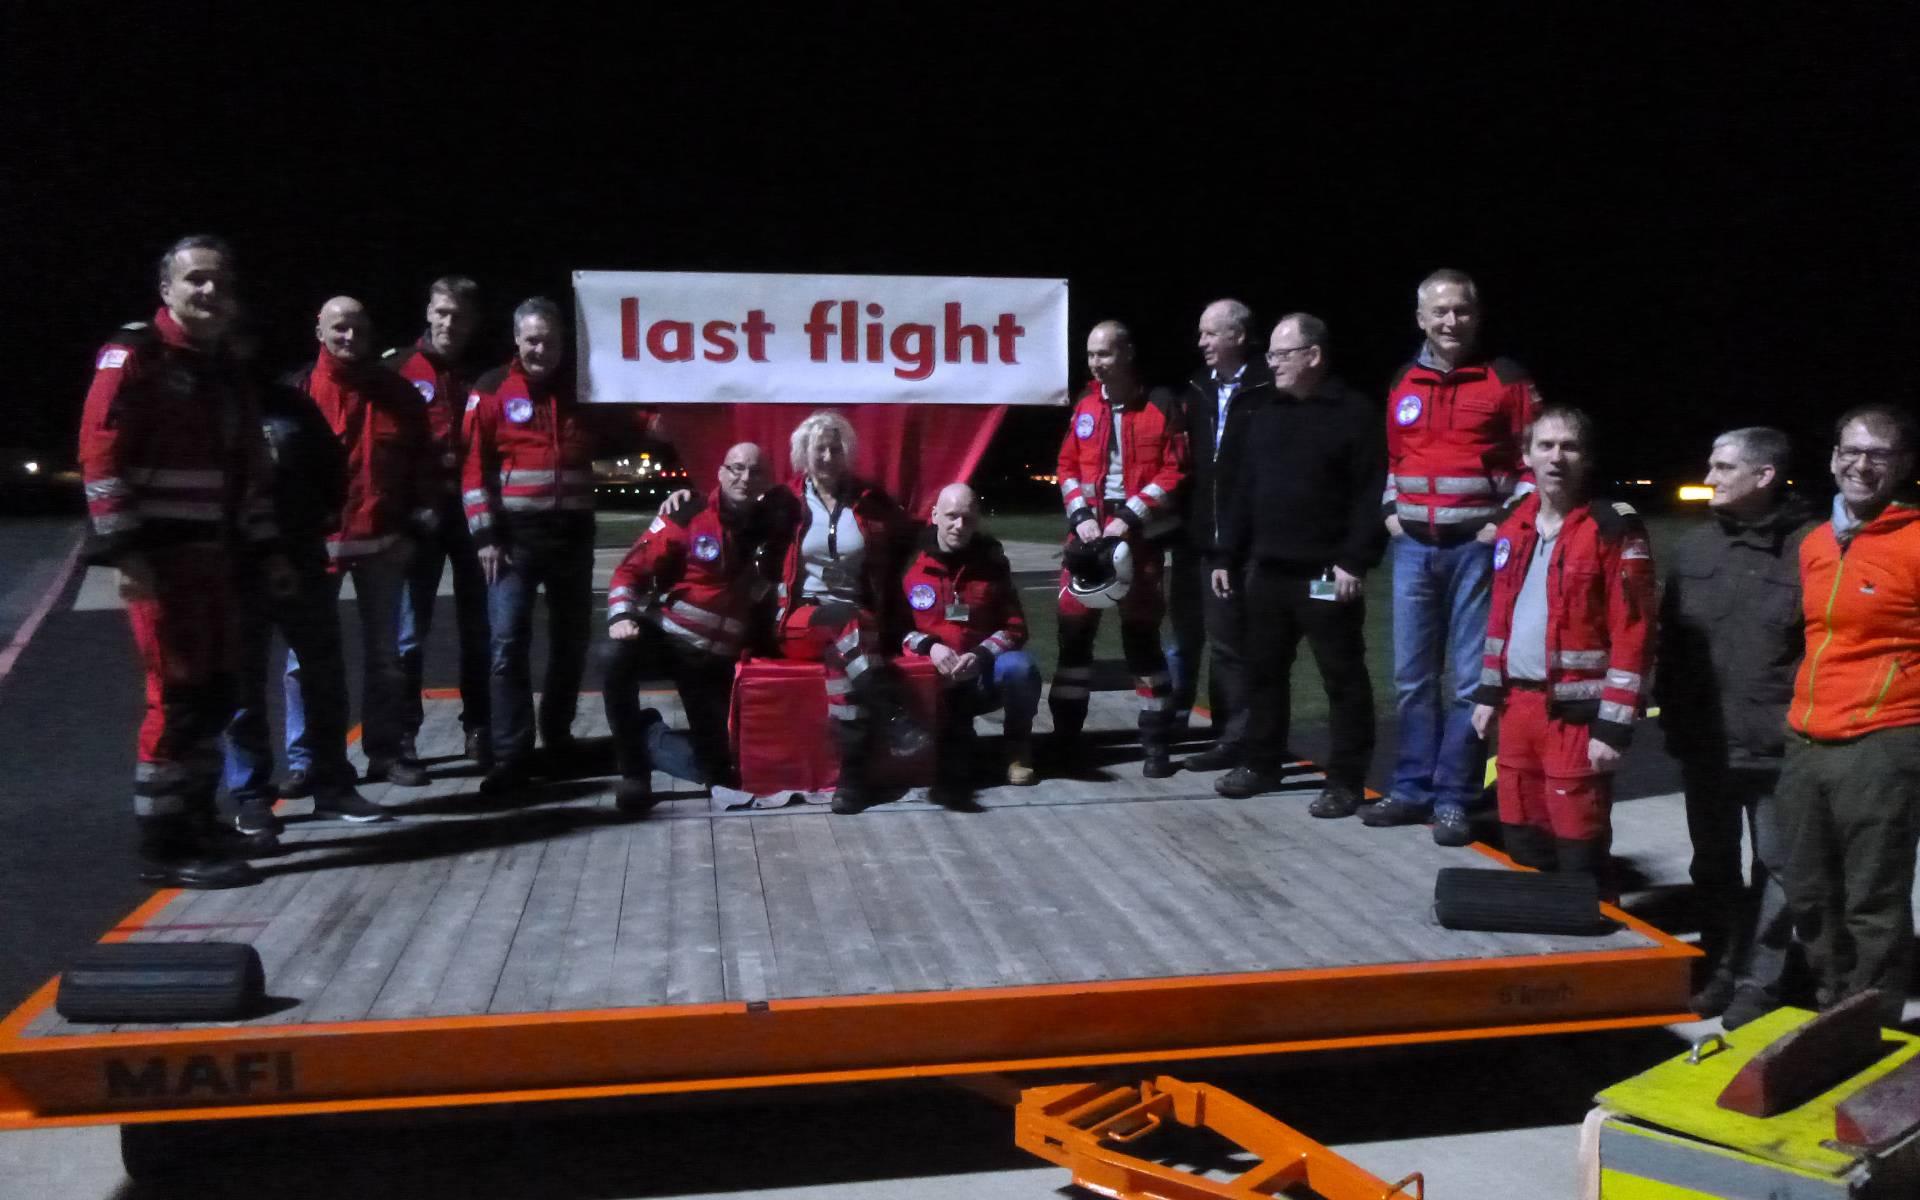 Die Kollegen begleiten Rettungsassistentin Christine Berghausen auf ihrem 'letzten Flug' in den Hangar.